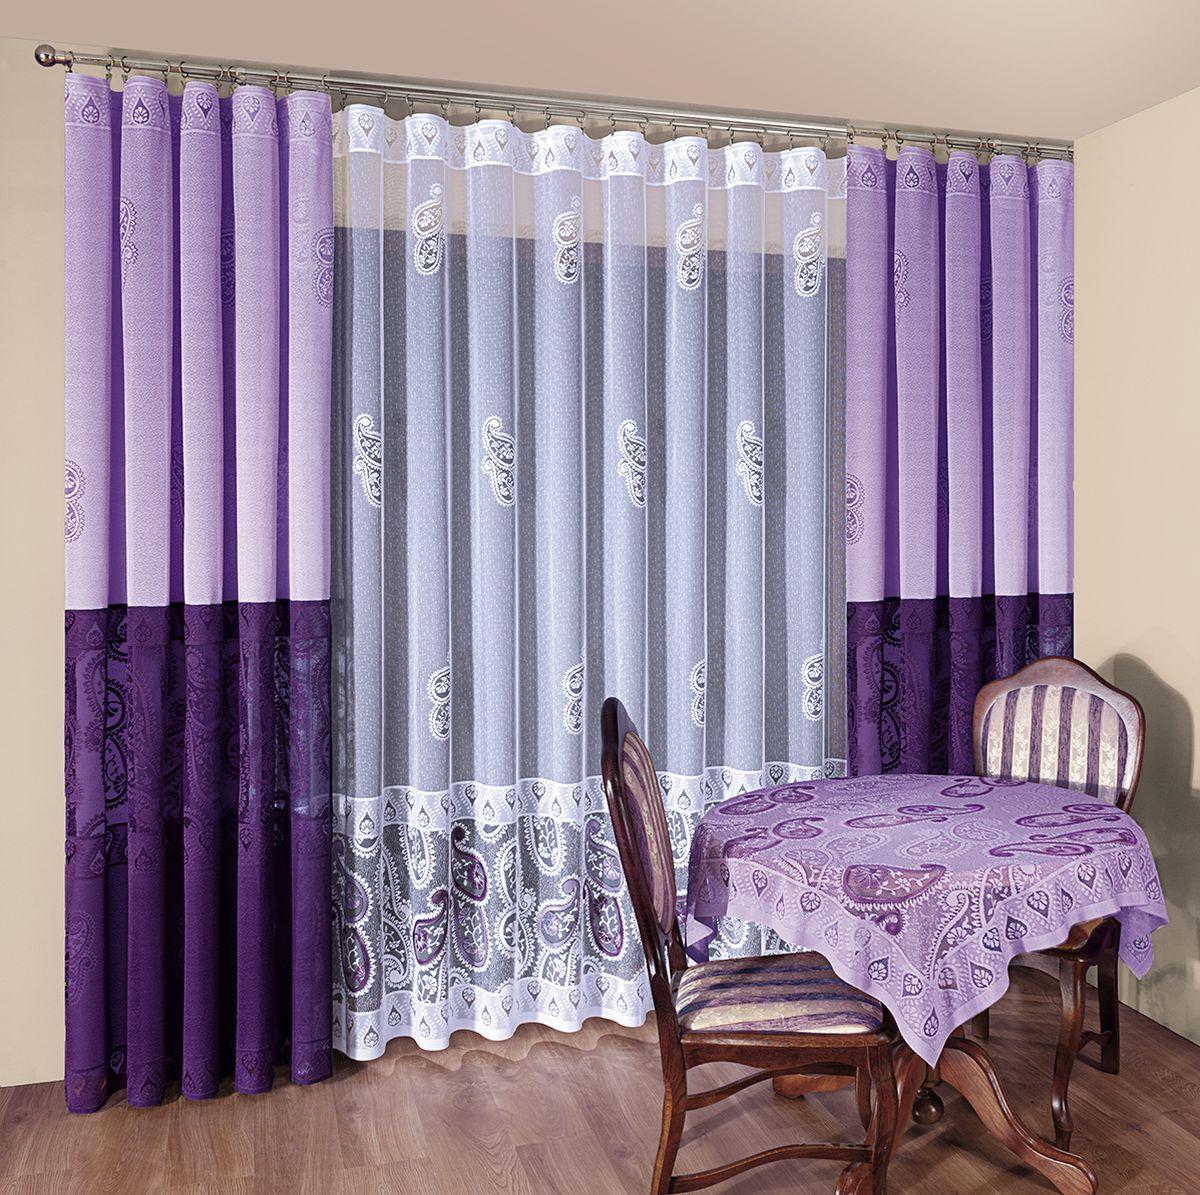 Комплект штор Wisan Fiona, на ленте, цвет: фиолетовый, белый, высота 250 см комплект штор wisan lara на ленте цвет оранжевый белый высота 250 см